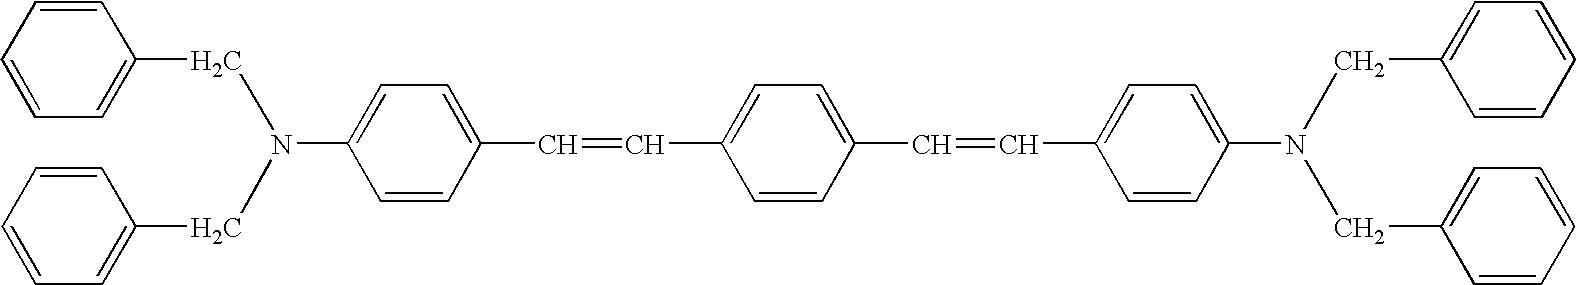 Figure US20050008957A1-20050113-C00017